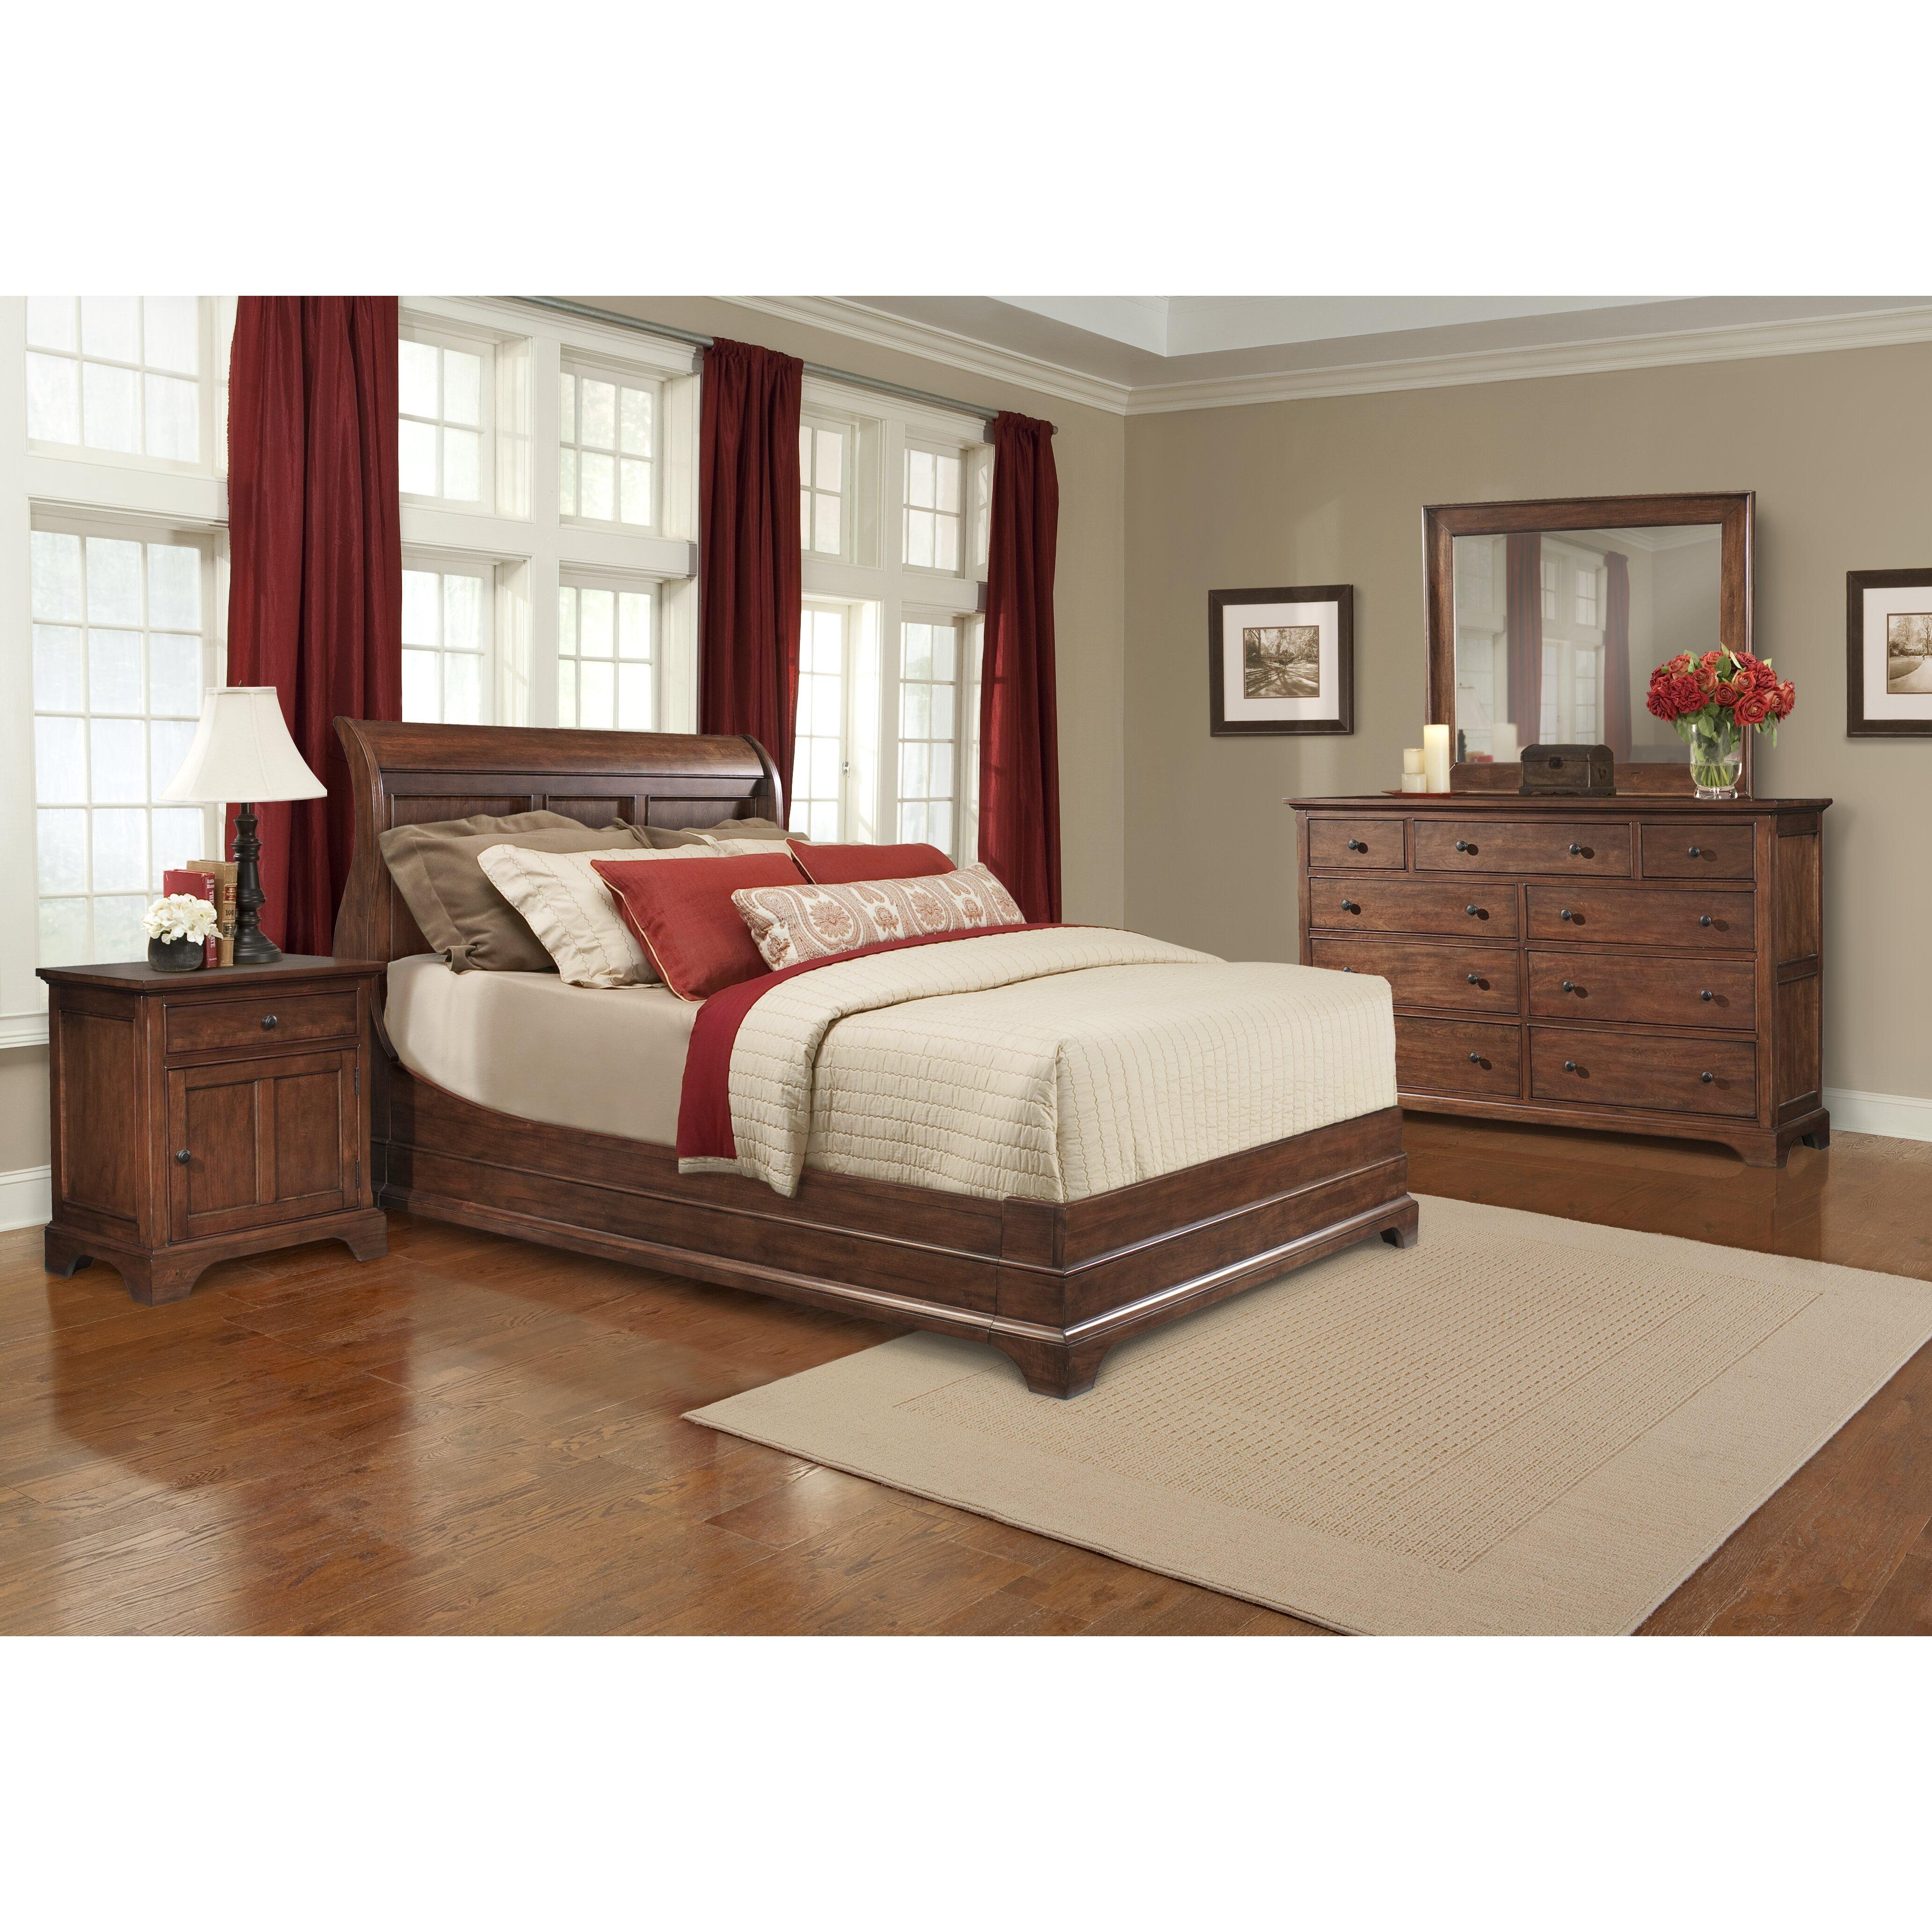 Cresent Furniture Retreat Cherry 9 Drawer Dresser Reviews Wayfair